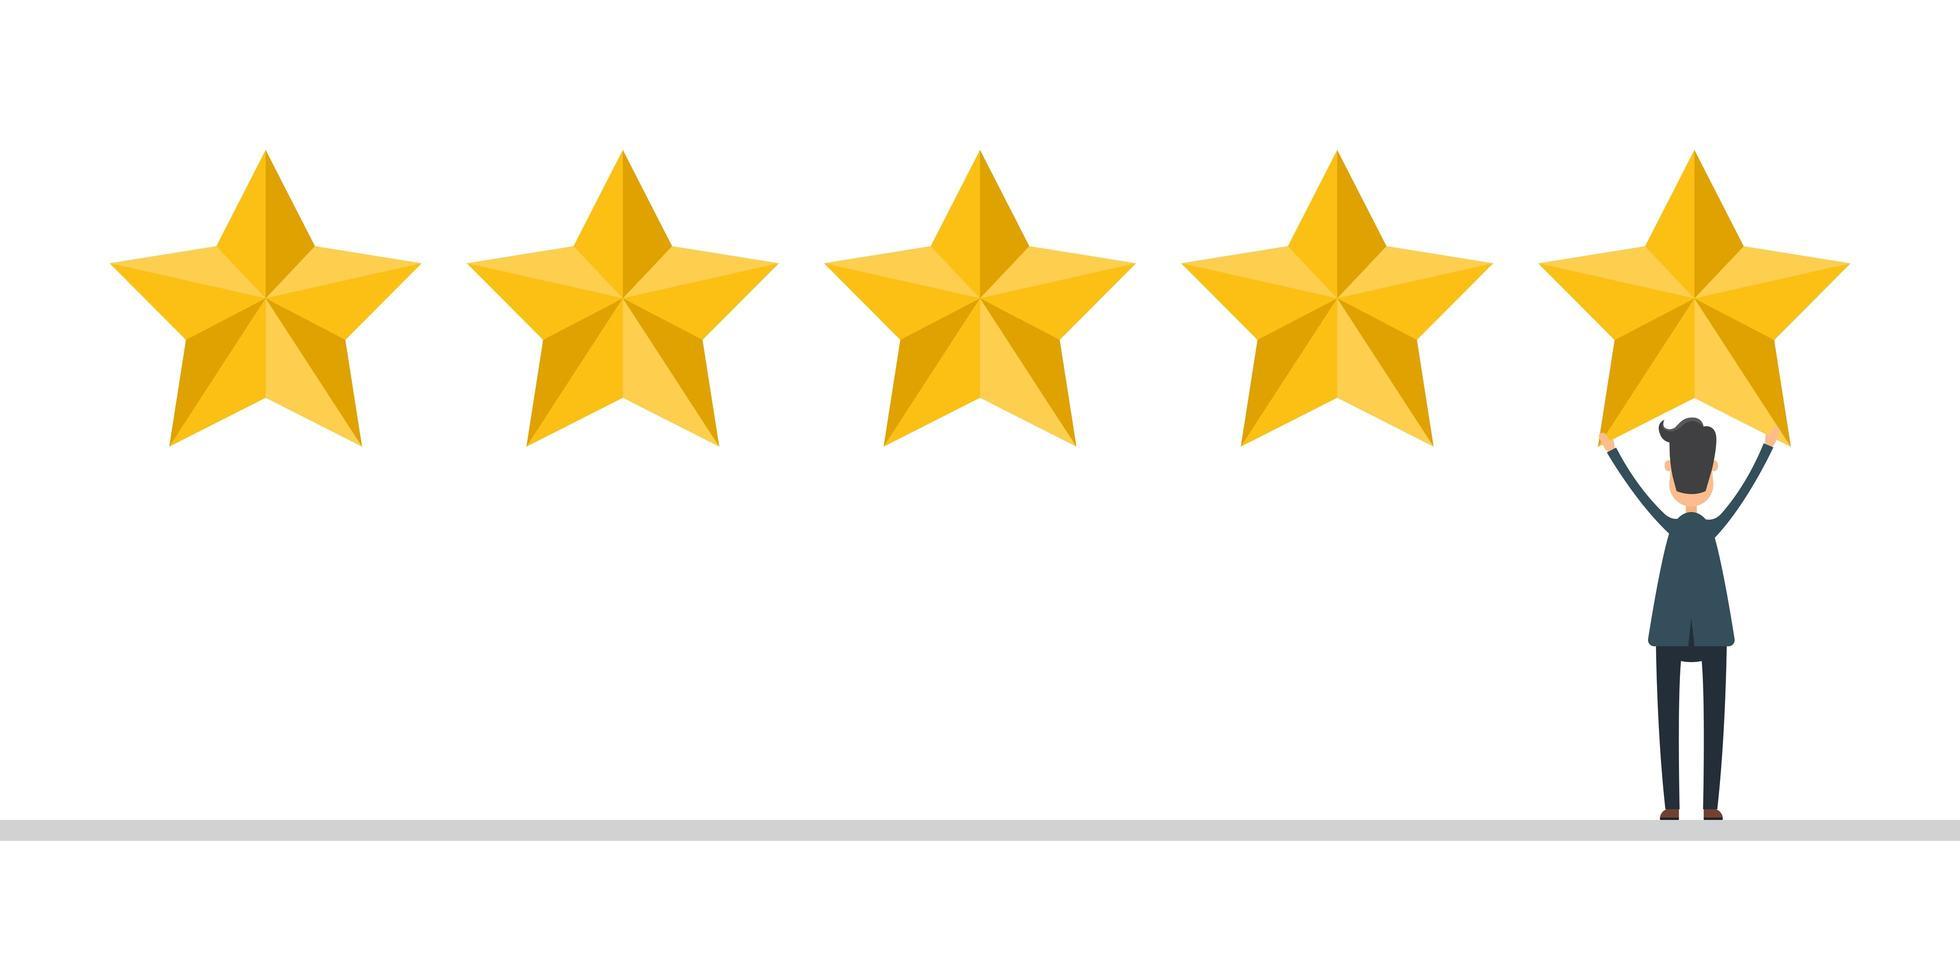 empresário de terno dá uma avaliação de 5 estrelas vetor